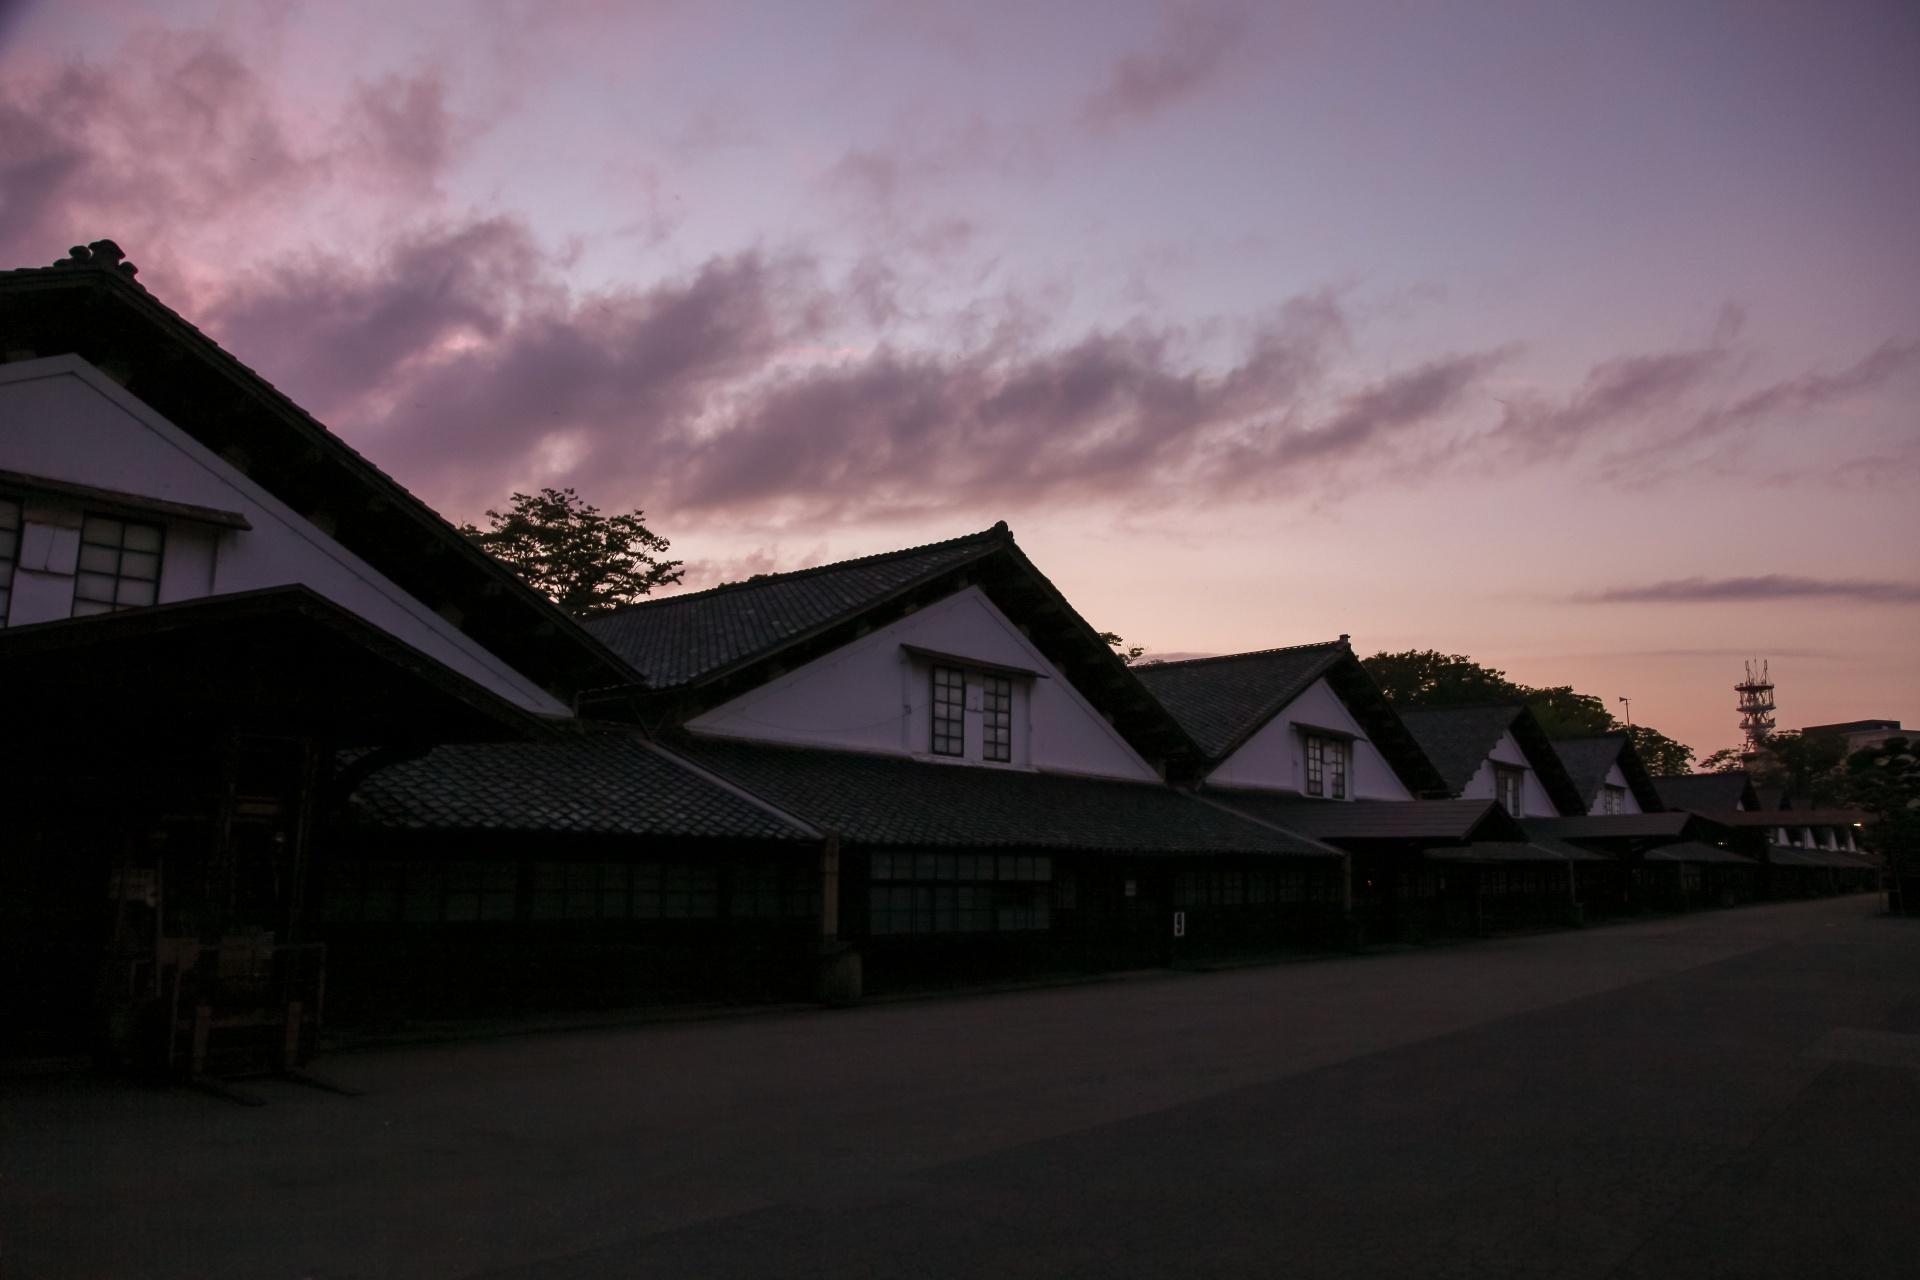 夕暮れの山居倉庫 酒田の風景 山形の風景